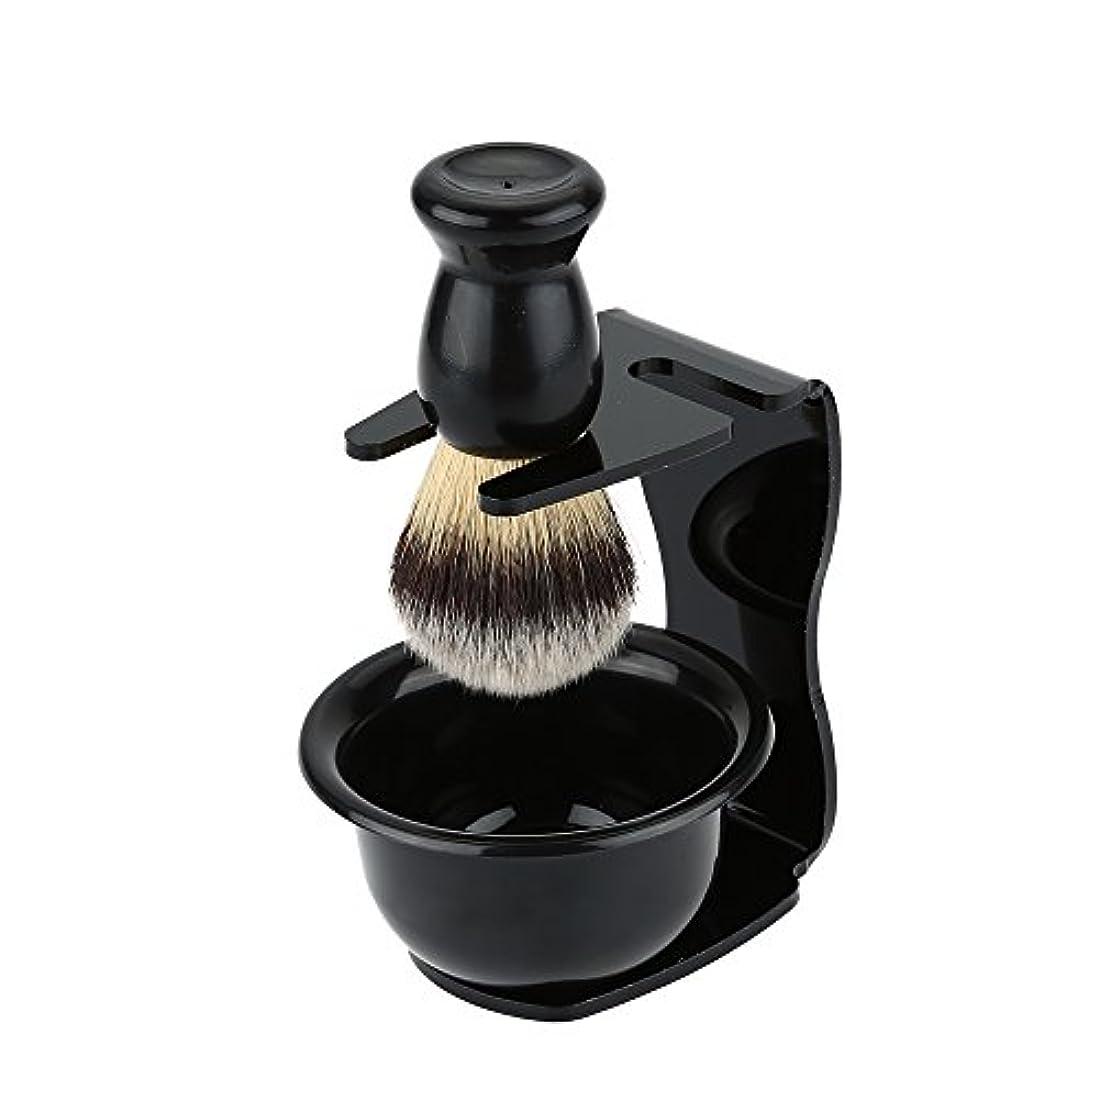 かるリアル匿名Rakuby 3点セット シェービングブラシキット シェービングブラシ+スタンド+ ソープボウル 洗顔ブラシ 泡立ち 髭剃り 男性用 ダンナ 父親 父の日 プレゼント ブラシアクセサリー